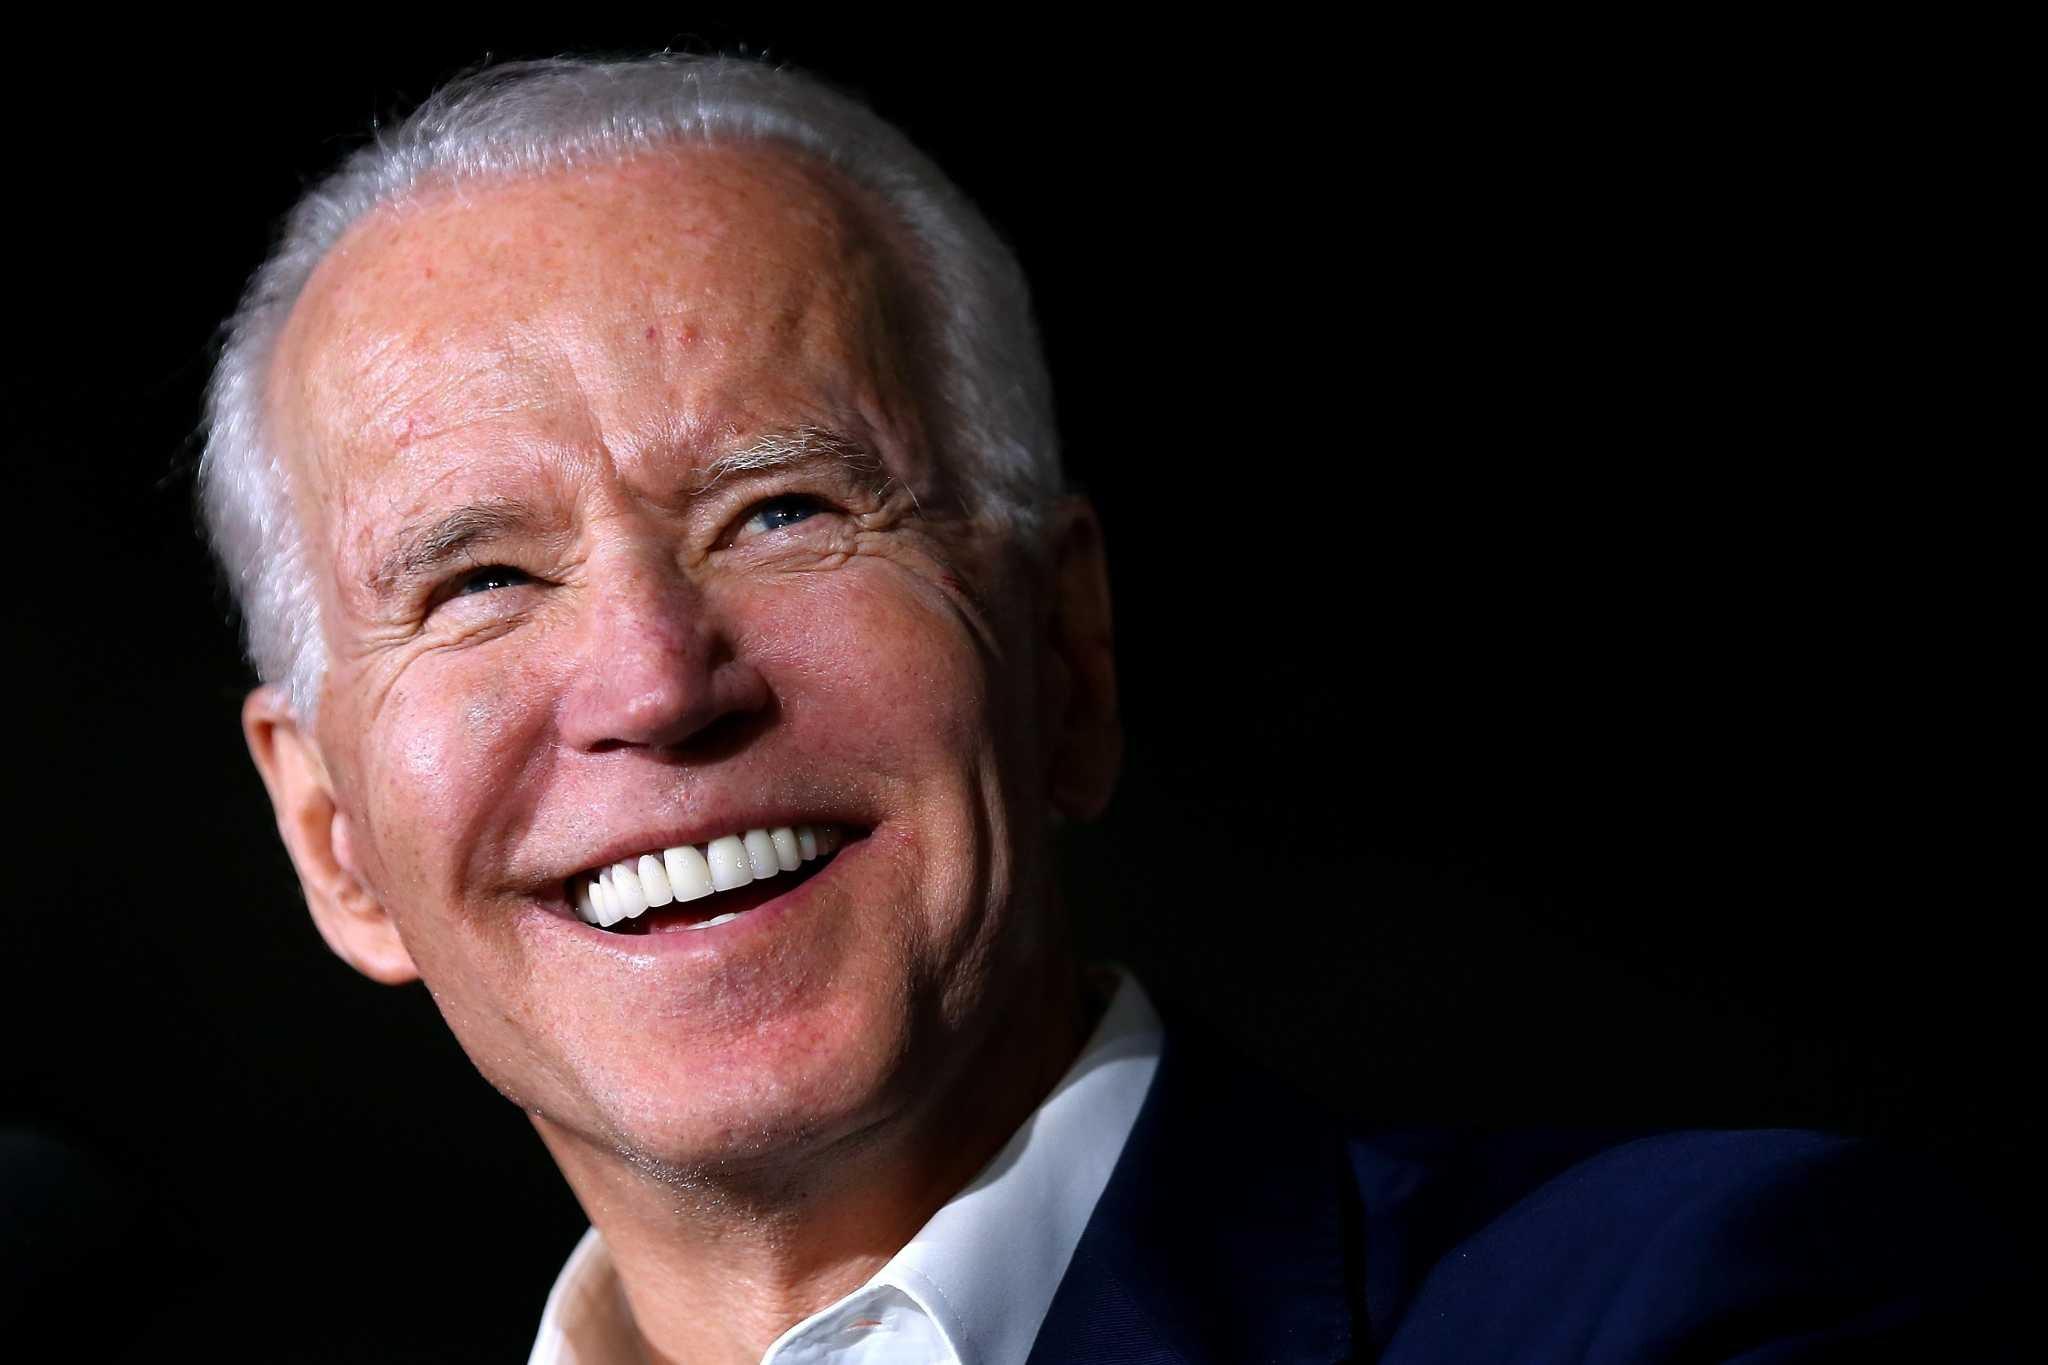 Joe Biden remporte les élections et devient le 46eme président des États-Unis